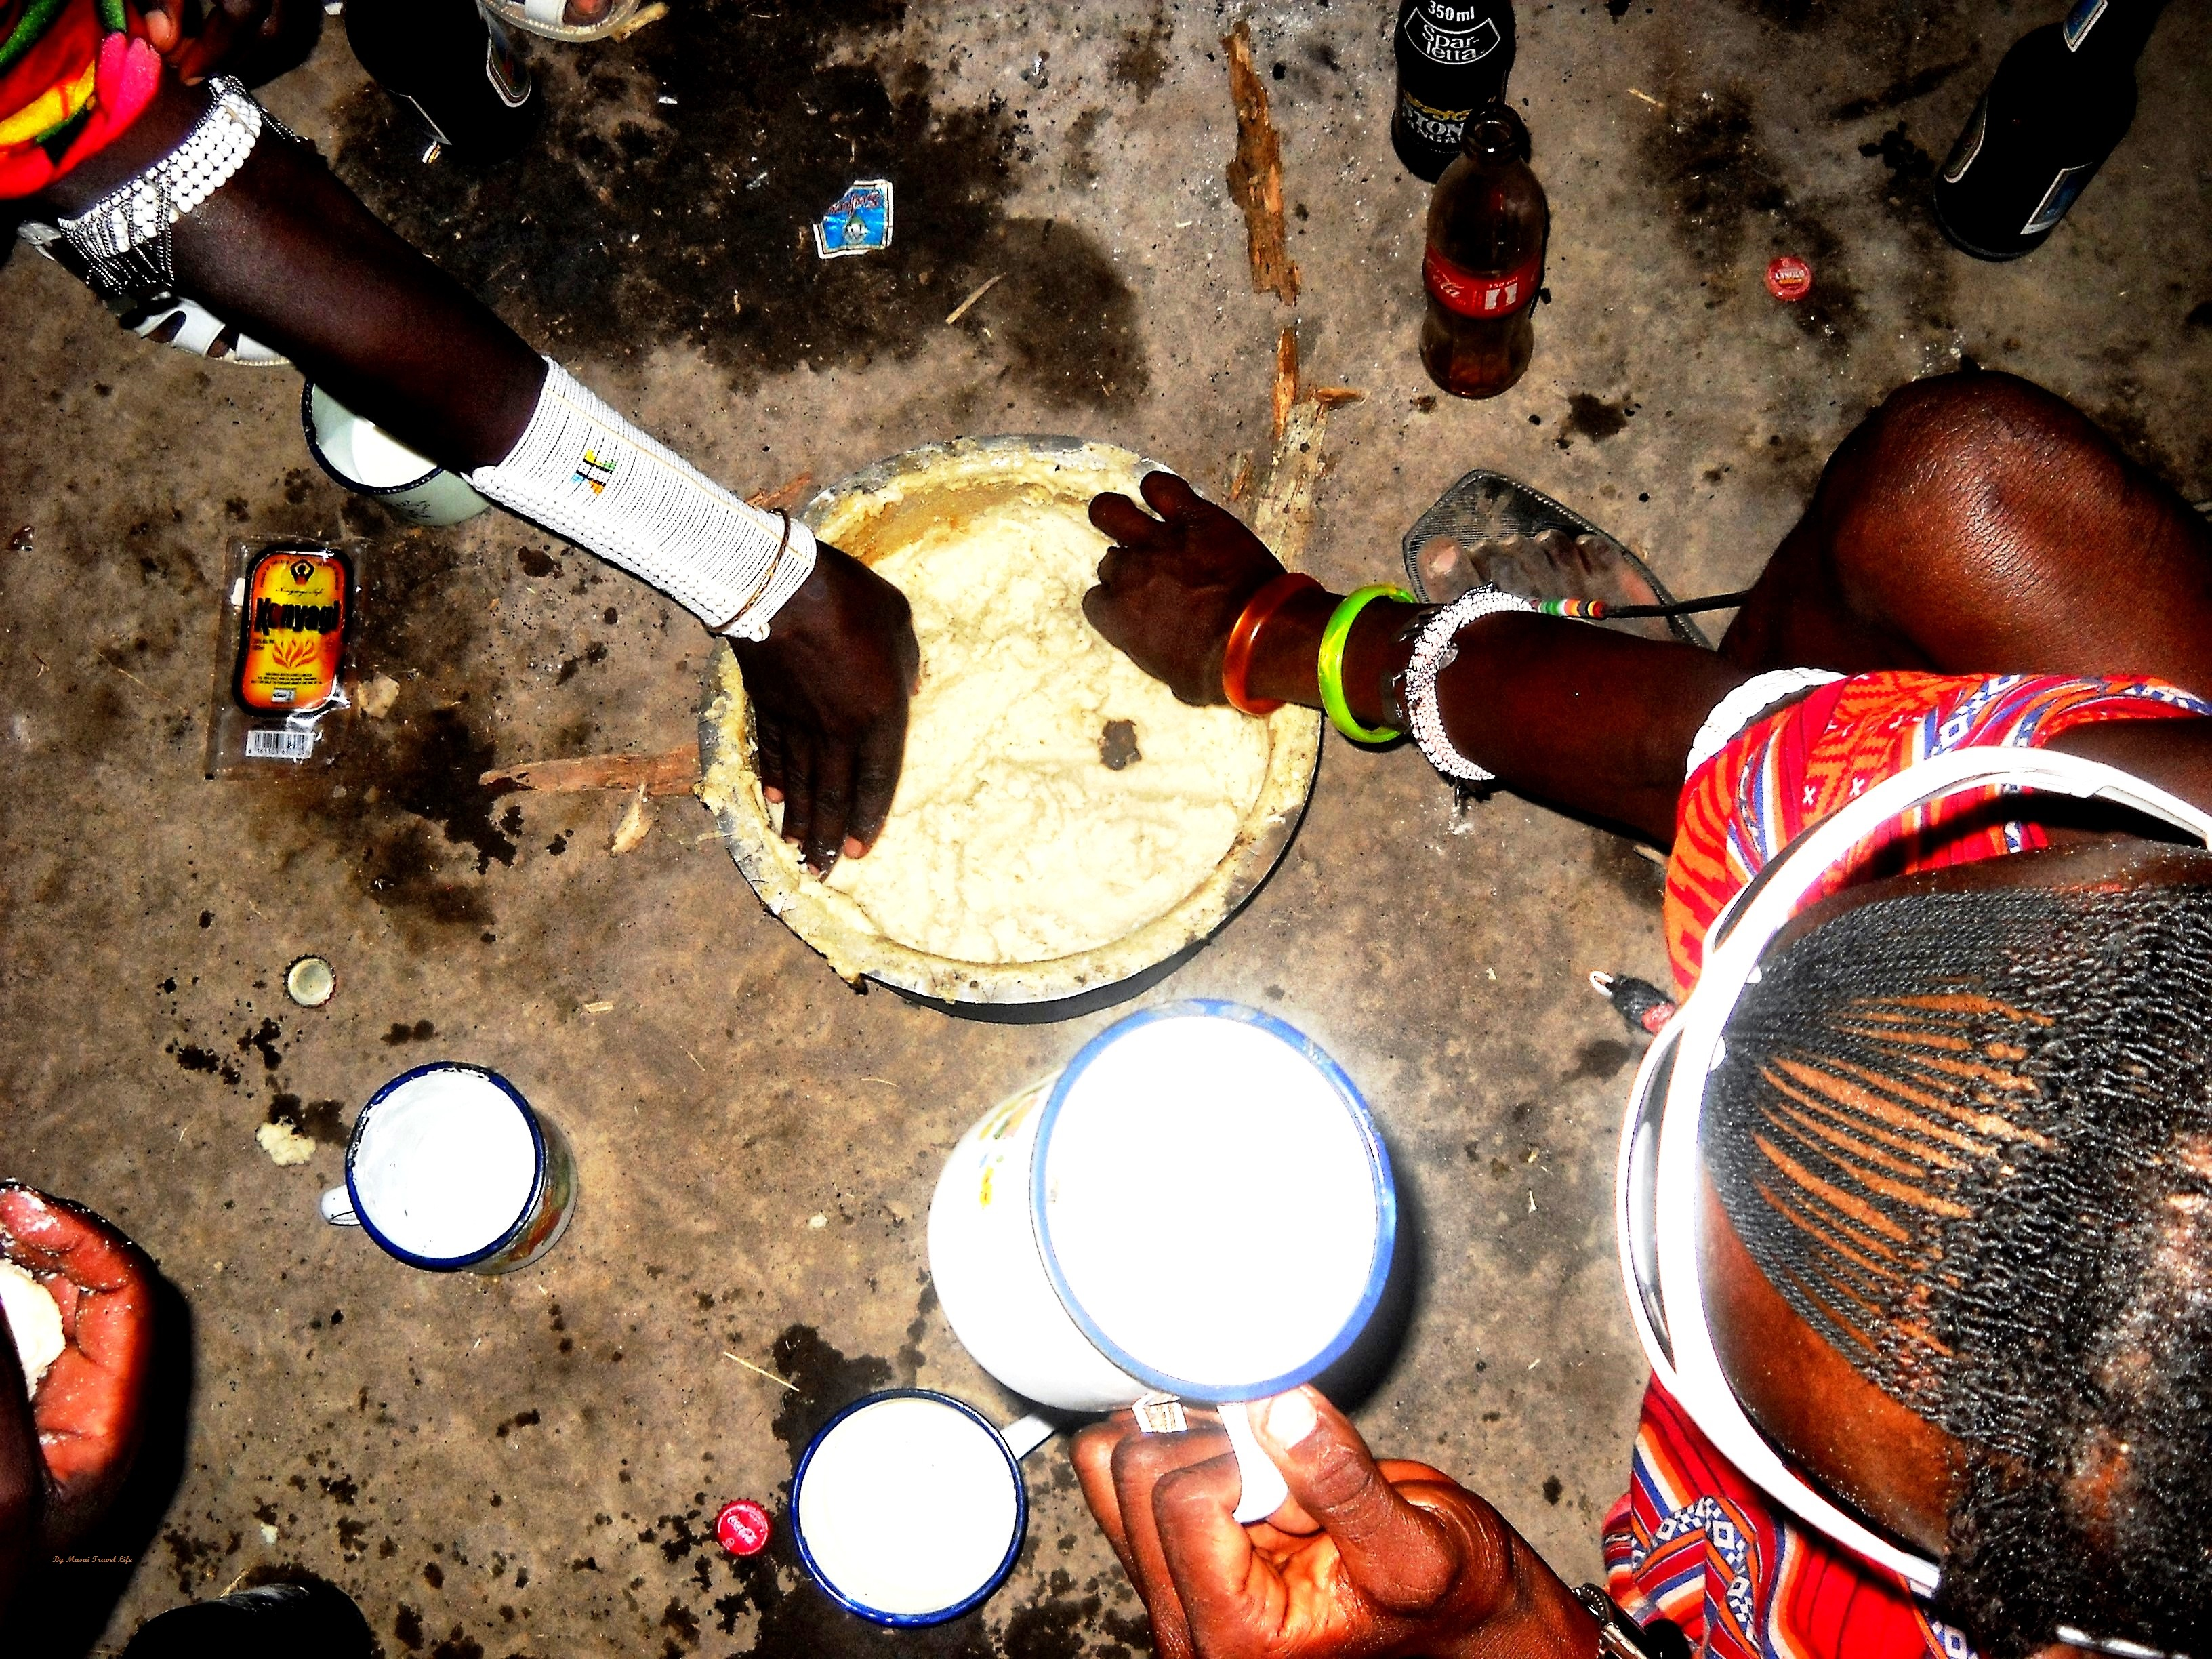 """Un tradizionale pasto masai oggi consiste di """"ugali"""" (che in lingua maasai significa polenta bianca), fatta di farina di mais bianco, mangiata con latte e verdure o anche da sola in mancanza di altro. Verdure comuni qui sono patate, carote, peperoni, cavoli, pomodori, spinaci e fagioli. Di solito sono fritti in olio con qualche cipolla bruciata e poi cotti in una spruzzata di latte."""